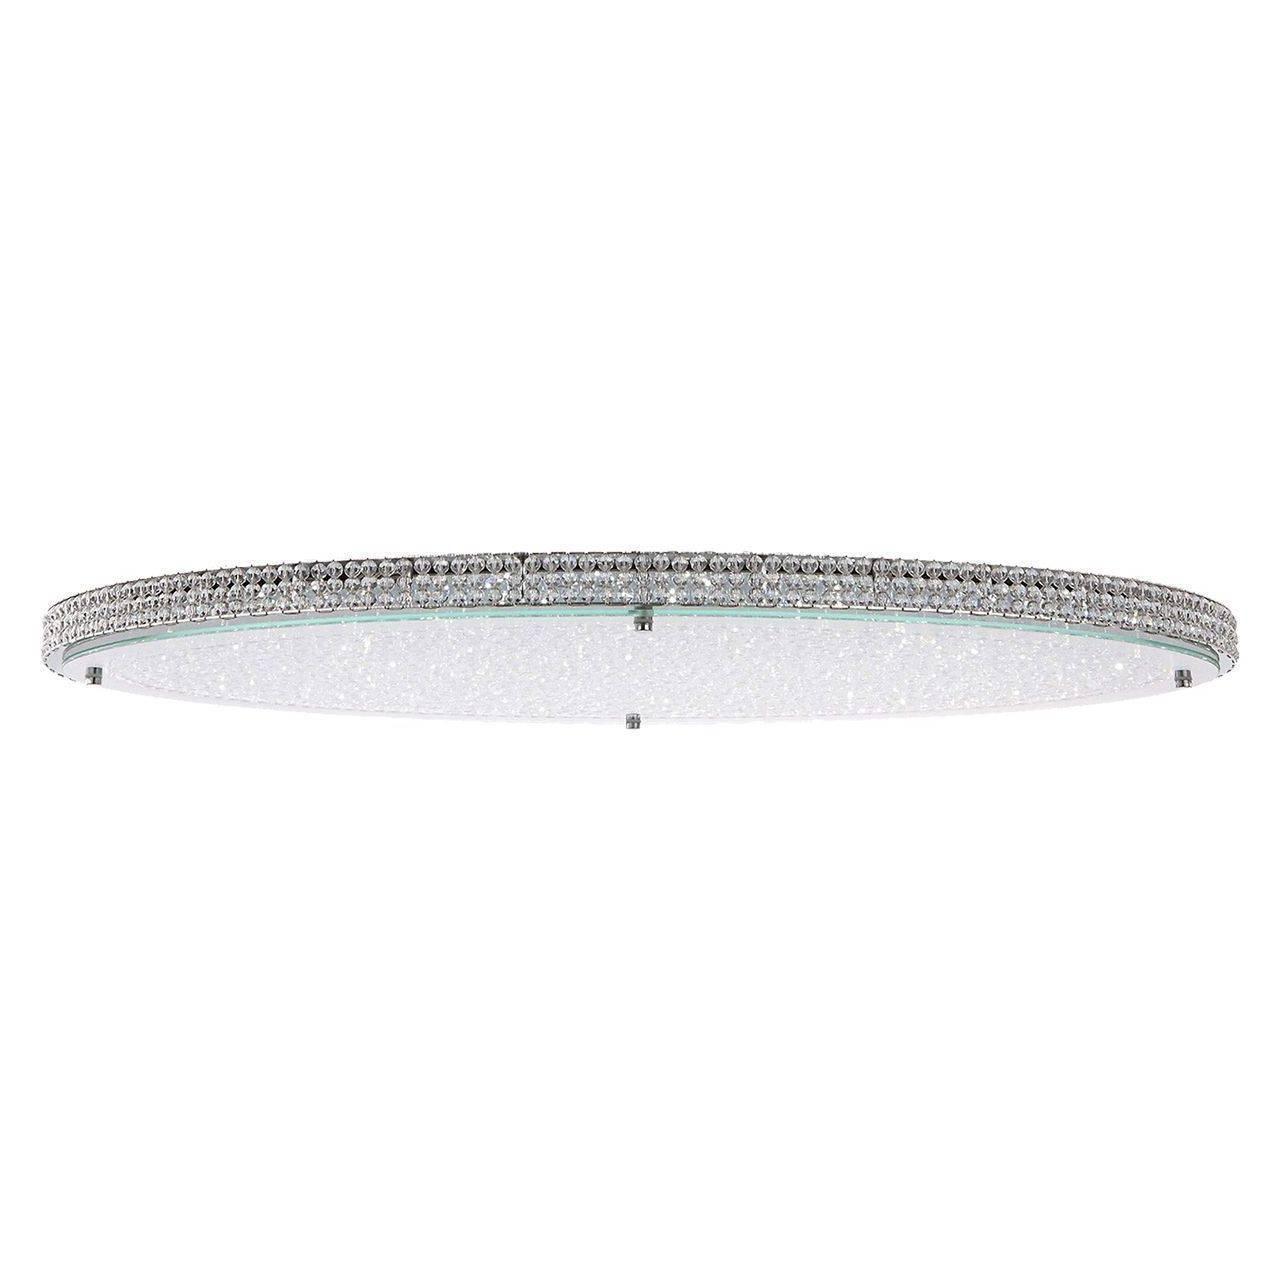 Потолочный светодиодный светильник Globo Curado 15683D потолочный светодиодный светильник globo wave 67823w